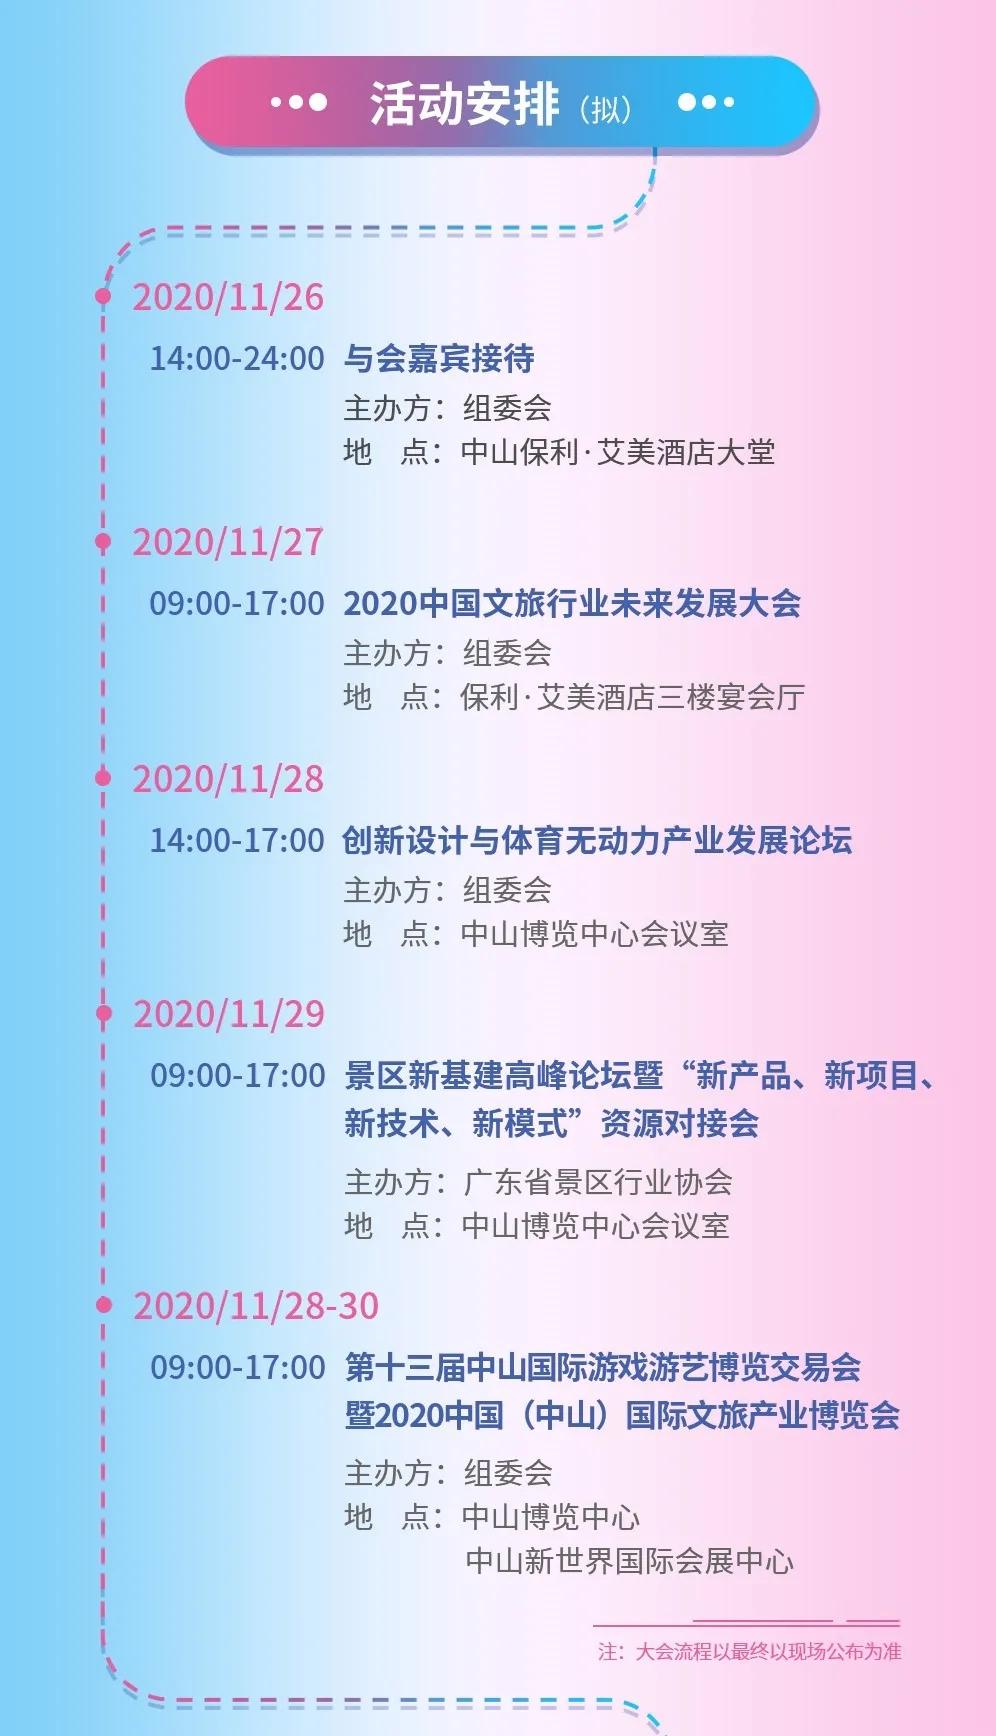 2020中国文旅行业未来发展大会活动安排